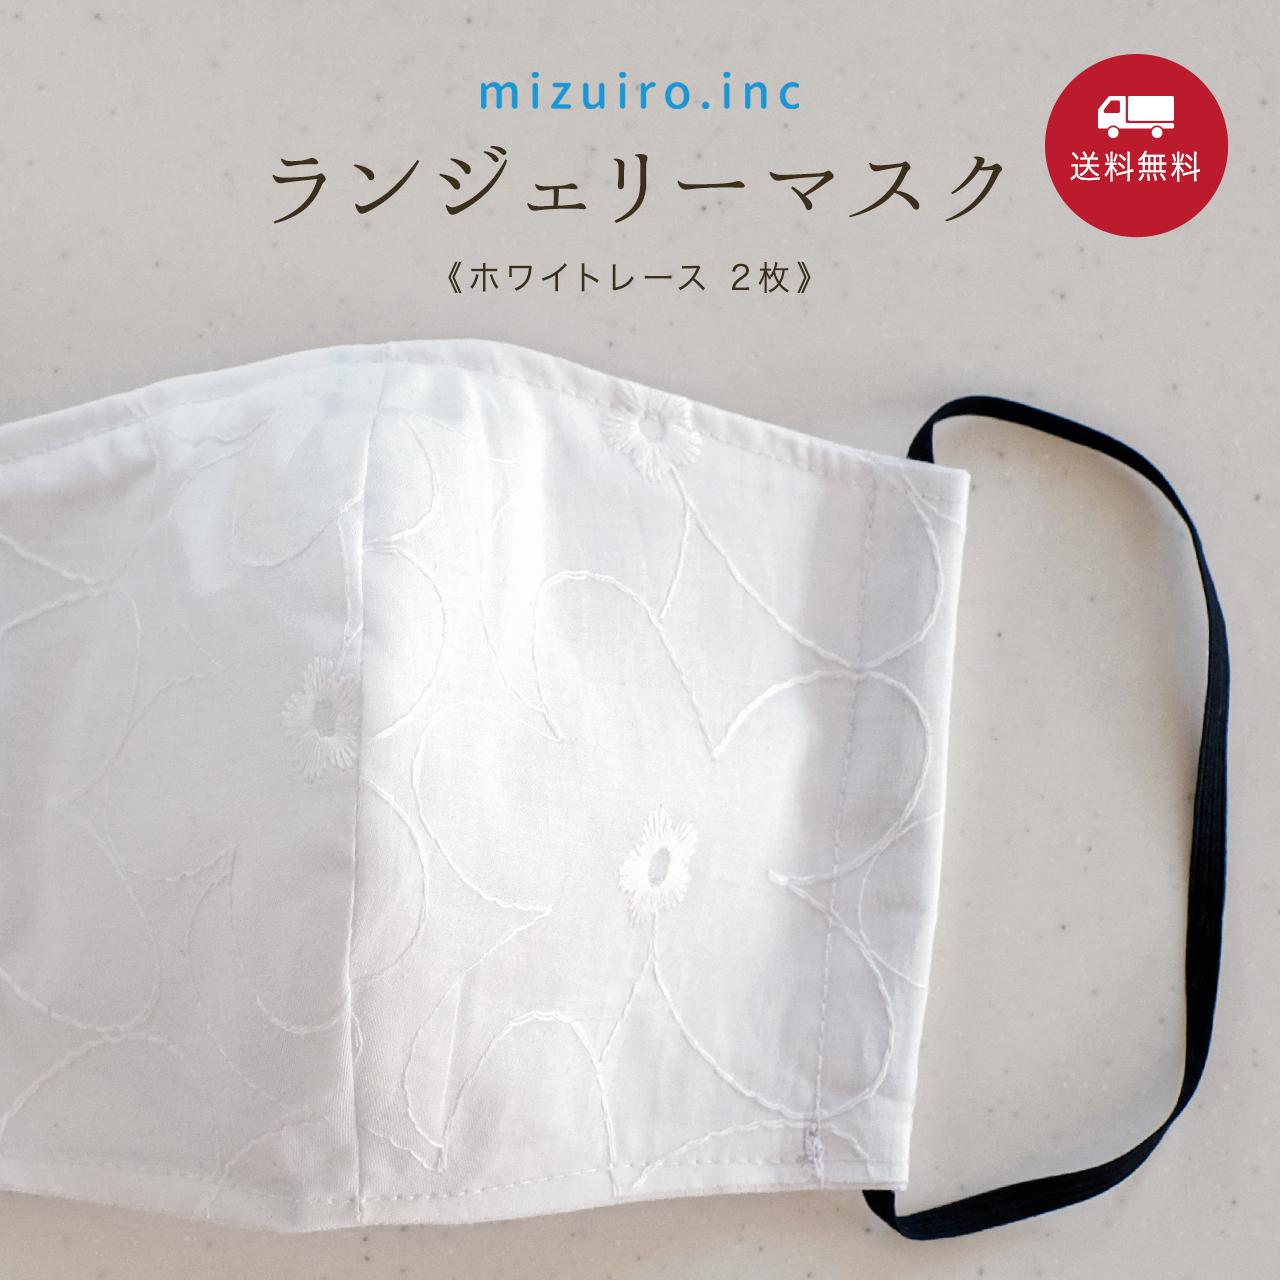 ランジェリーマスク《ホワイトレース 2枚》 / mizuiro.inc オリジナル